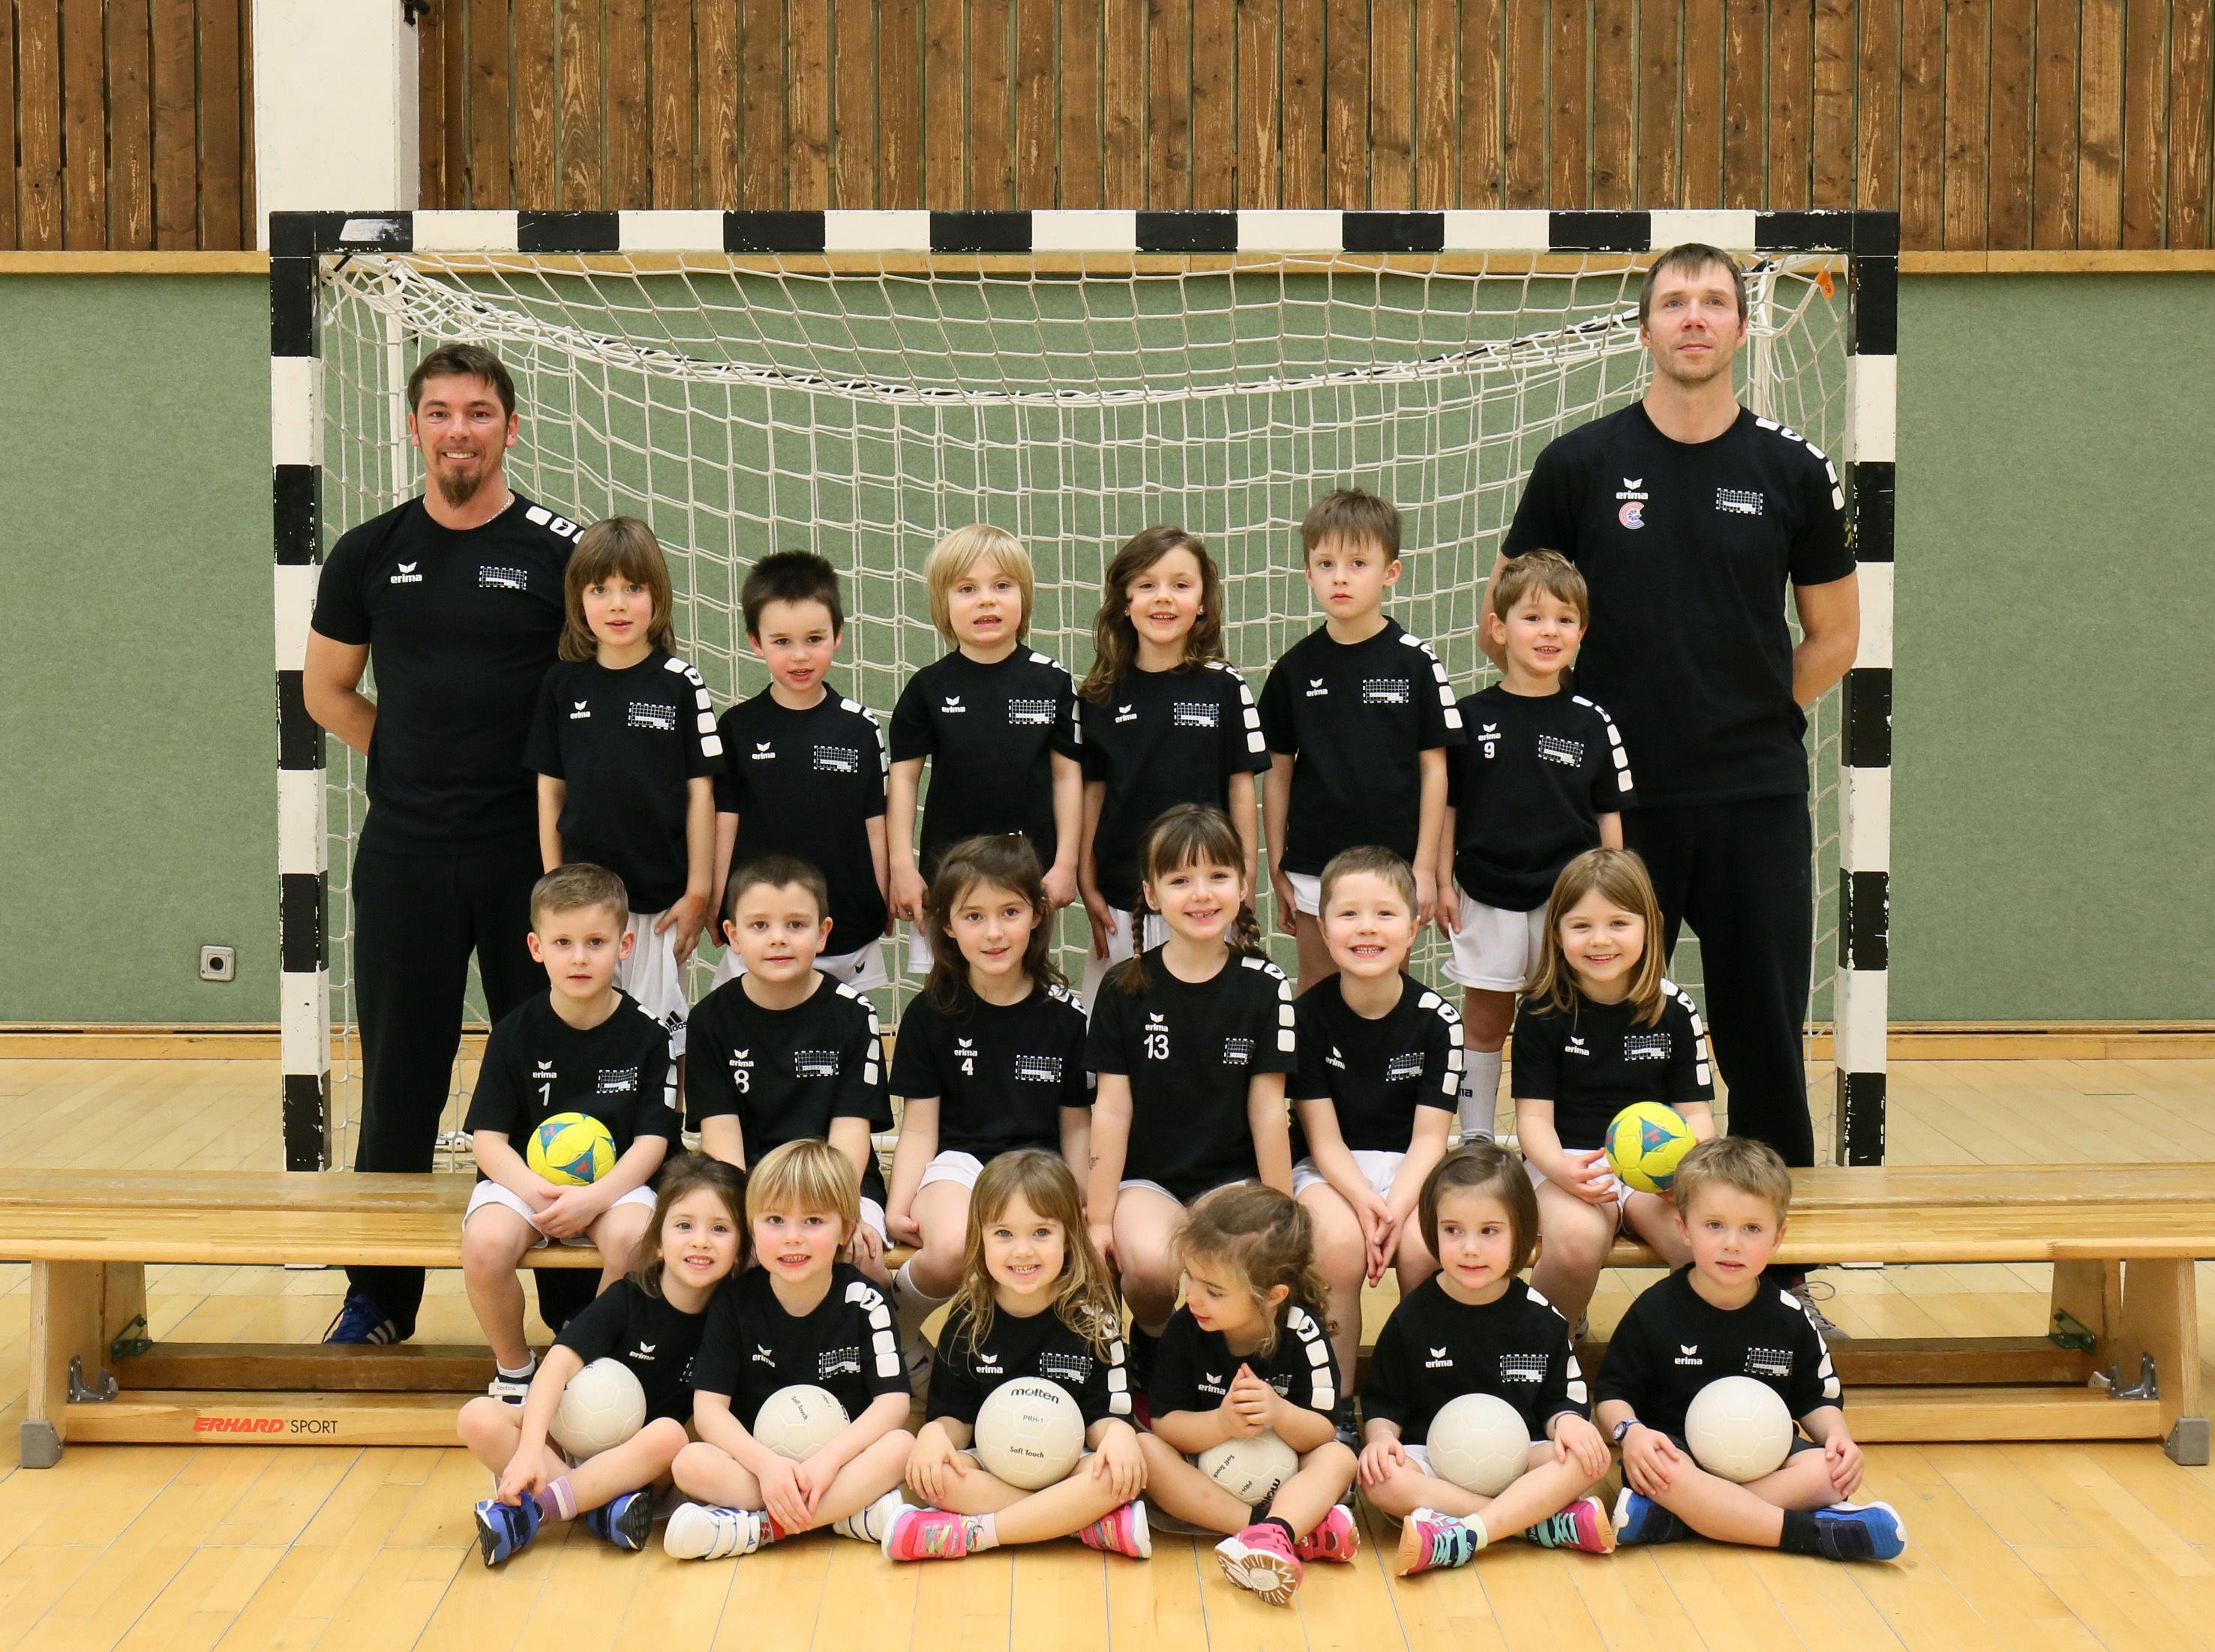 Handball Esch Teamphoto